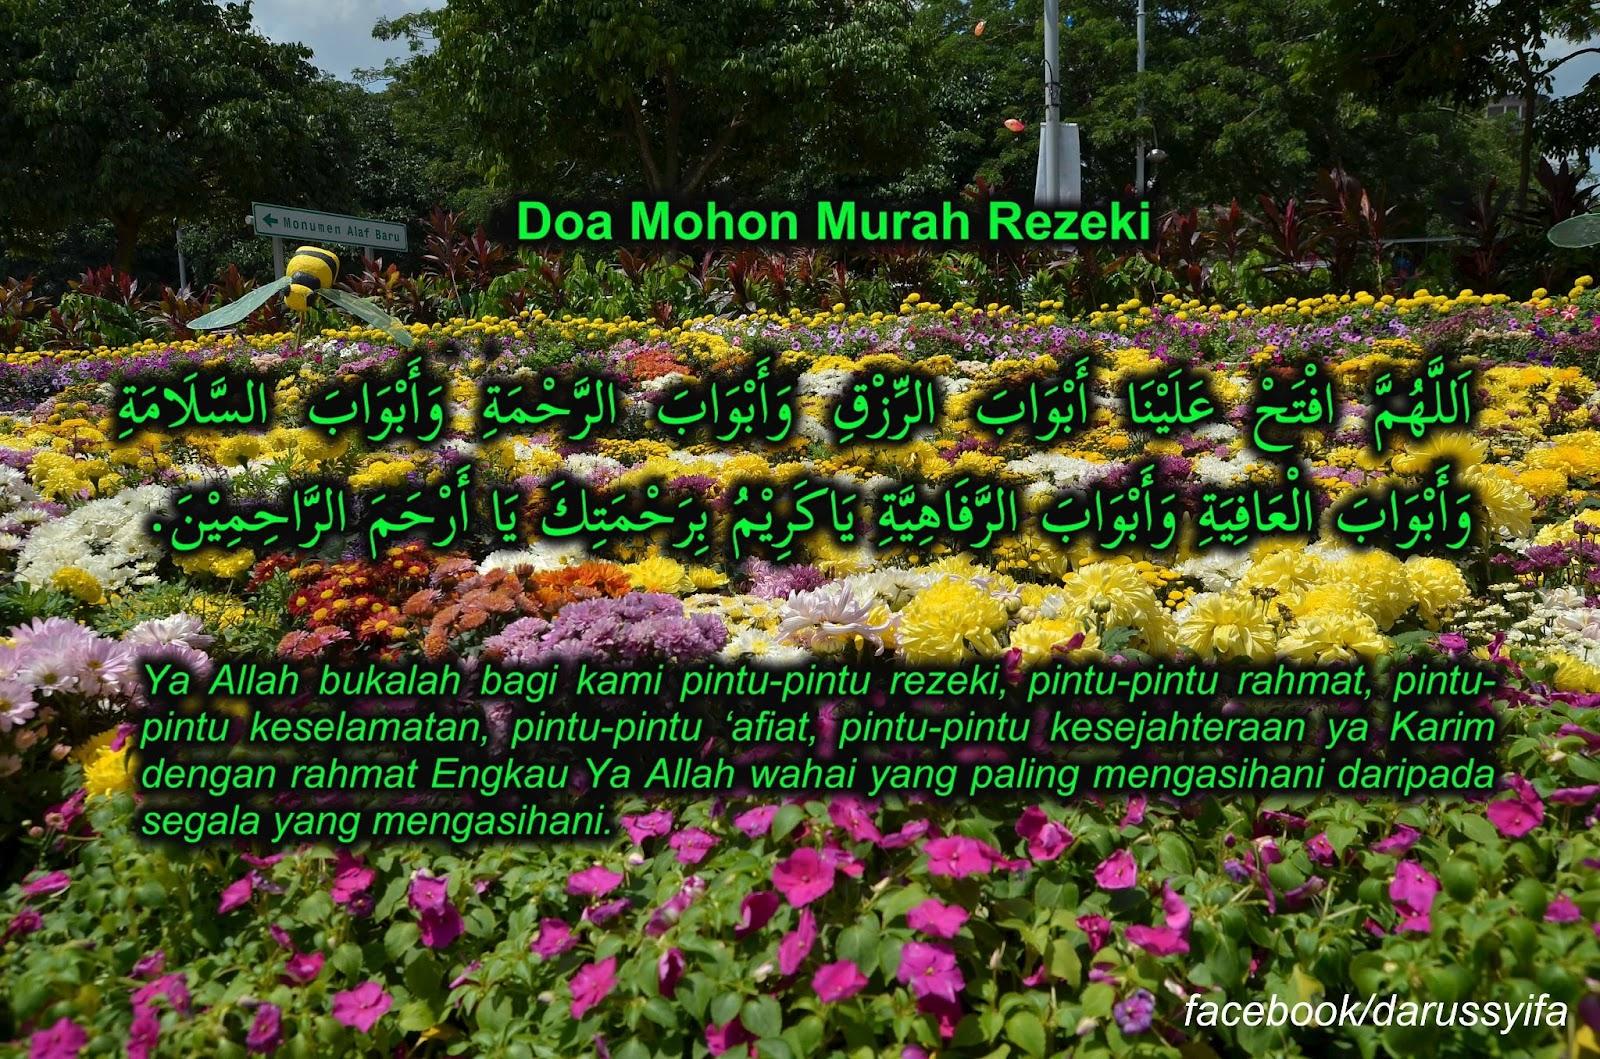 http://4.bp.blogspot.com/-iCvgM6z9Vj0/T9E_0wTXlOI/AAAAAAAAAnc/4mHHGg--dxM/s1600/doa%2Bmurah%2Brezeki.JPG